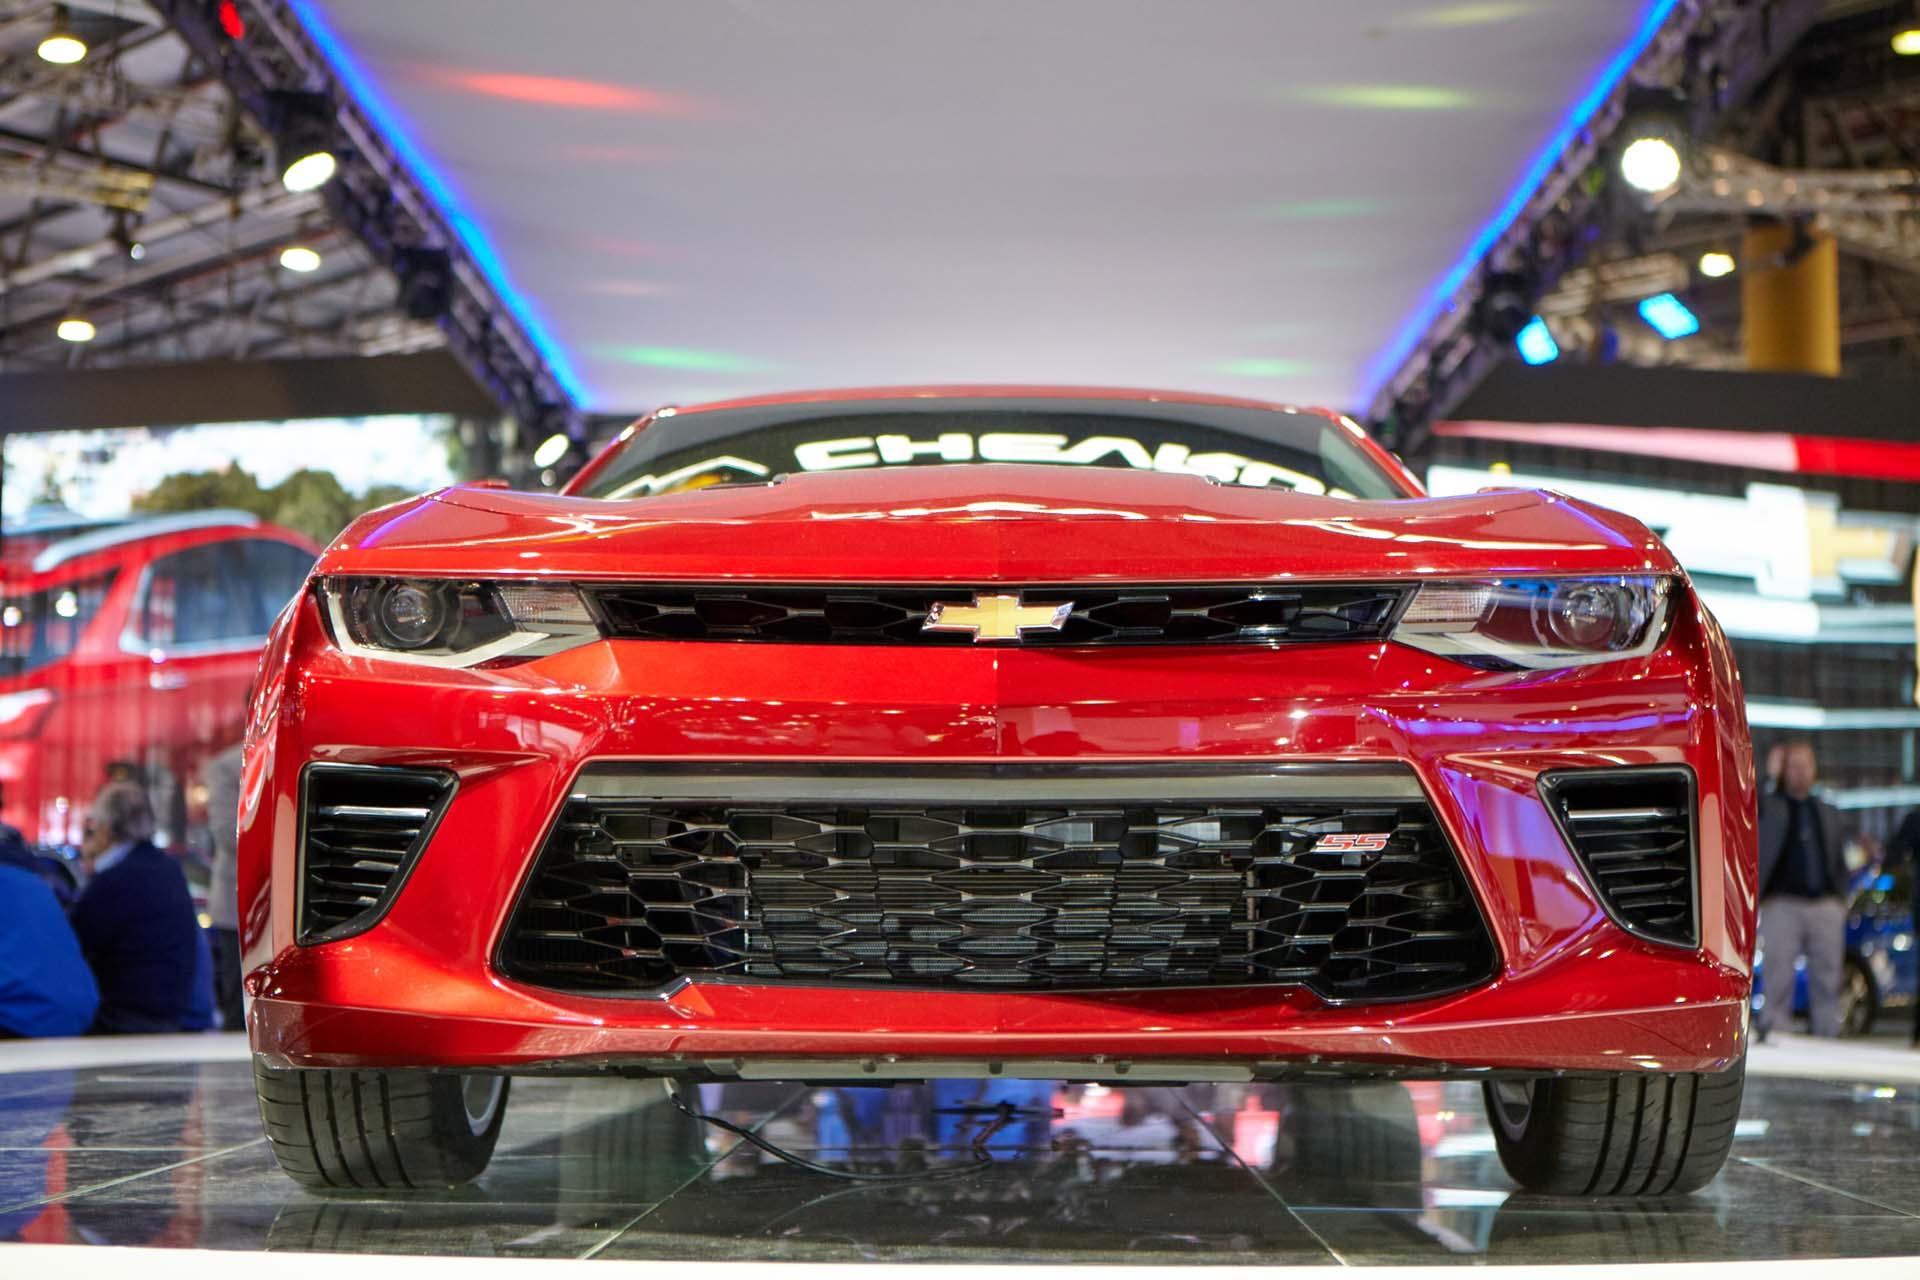 El Chevrolet Camaro SS llegó a la Argentina y fue presentado en el Salón Internacional del Automóvil (GM)